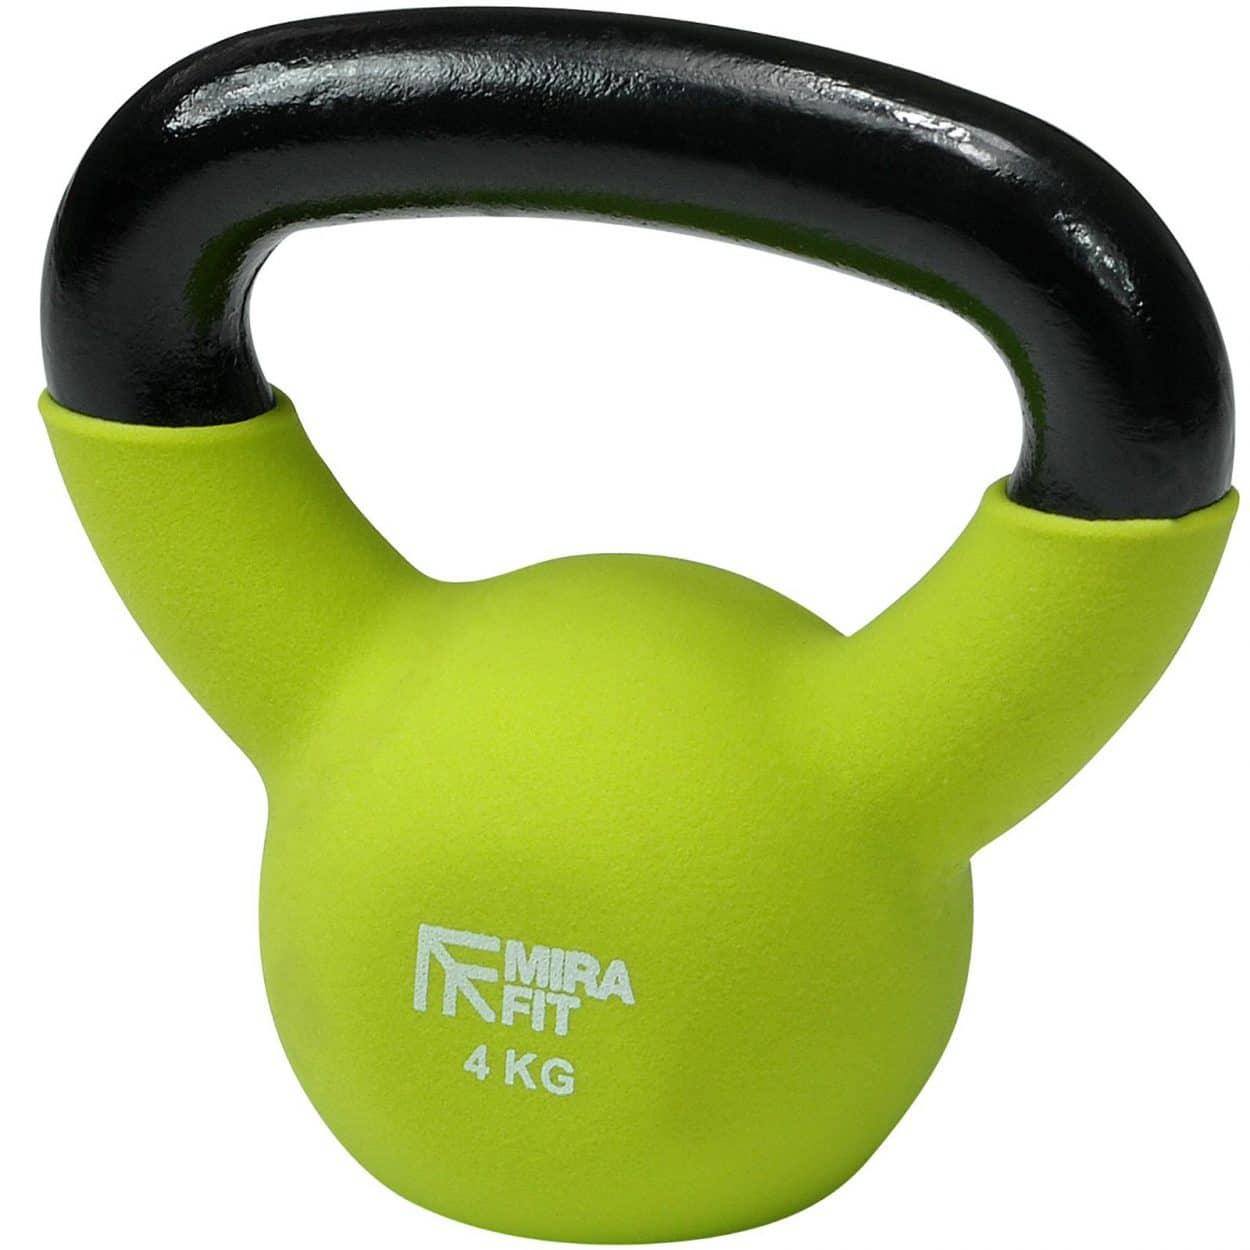 Mirafit Soft Touch Cast Iron Kettlebell Weight – Green – 4kg